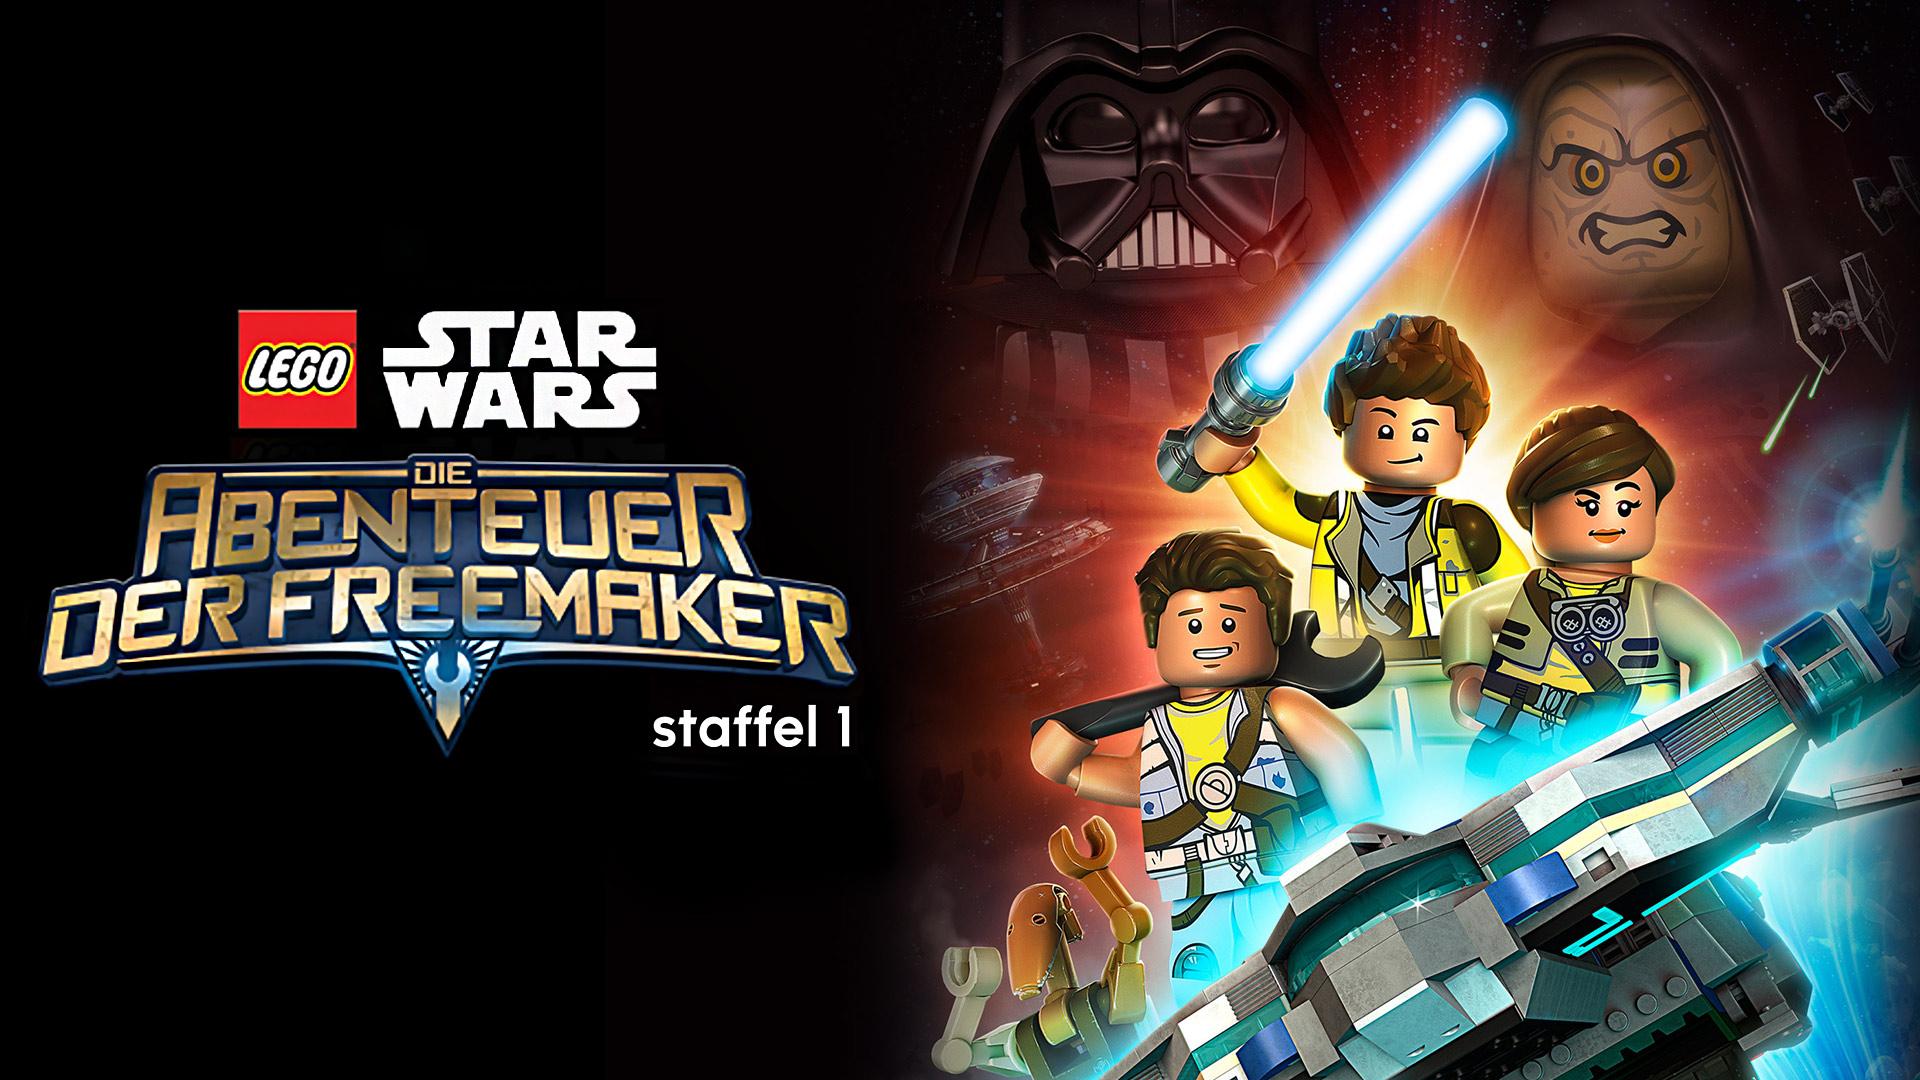 Star Wars: Die Abenteuer der Freemaker - Staffel 1